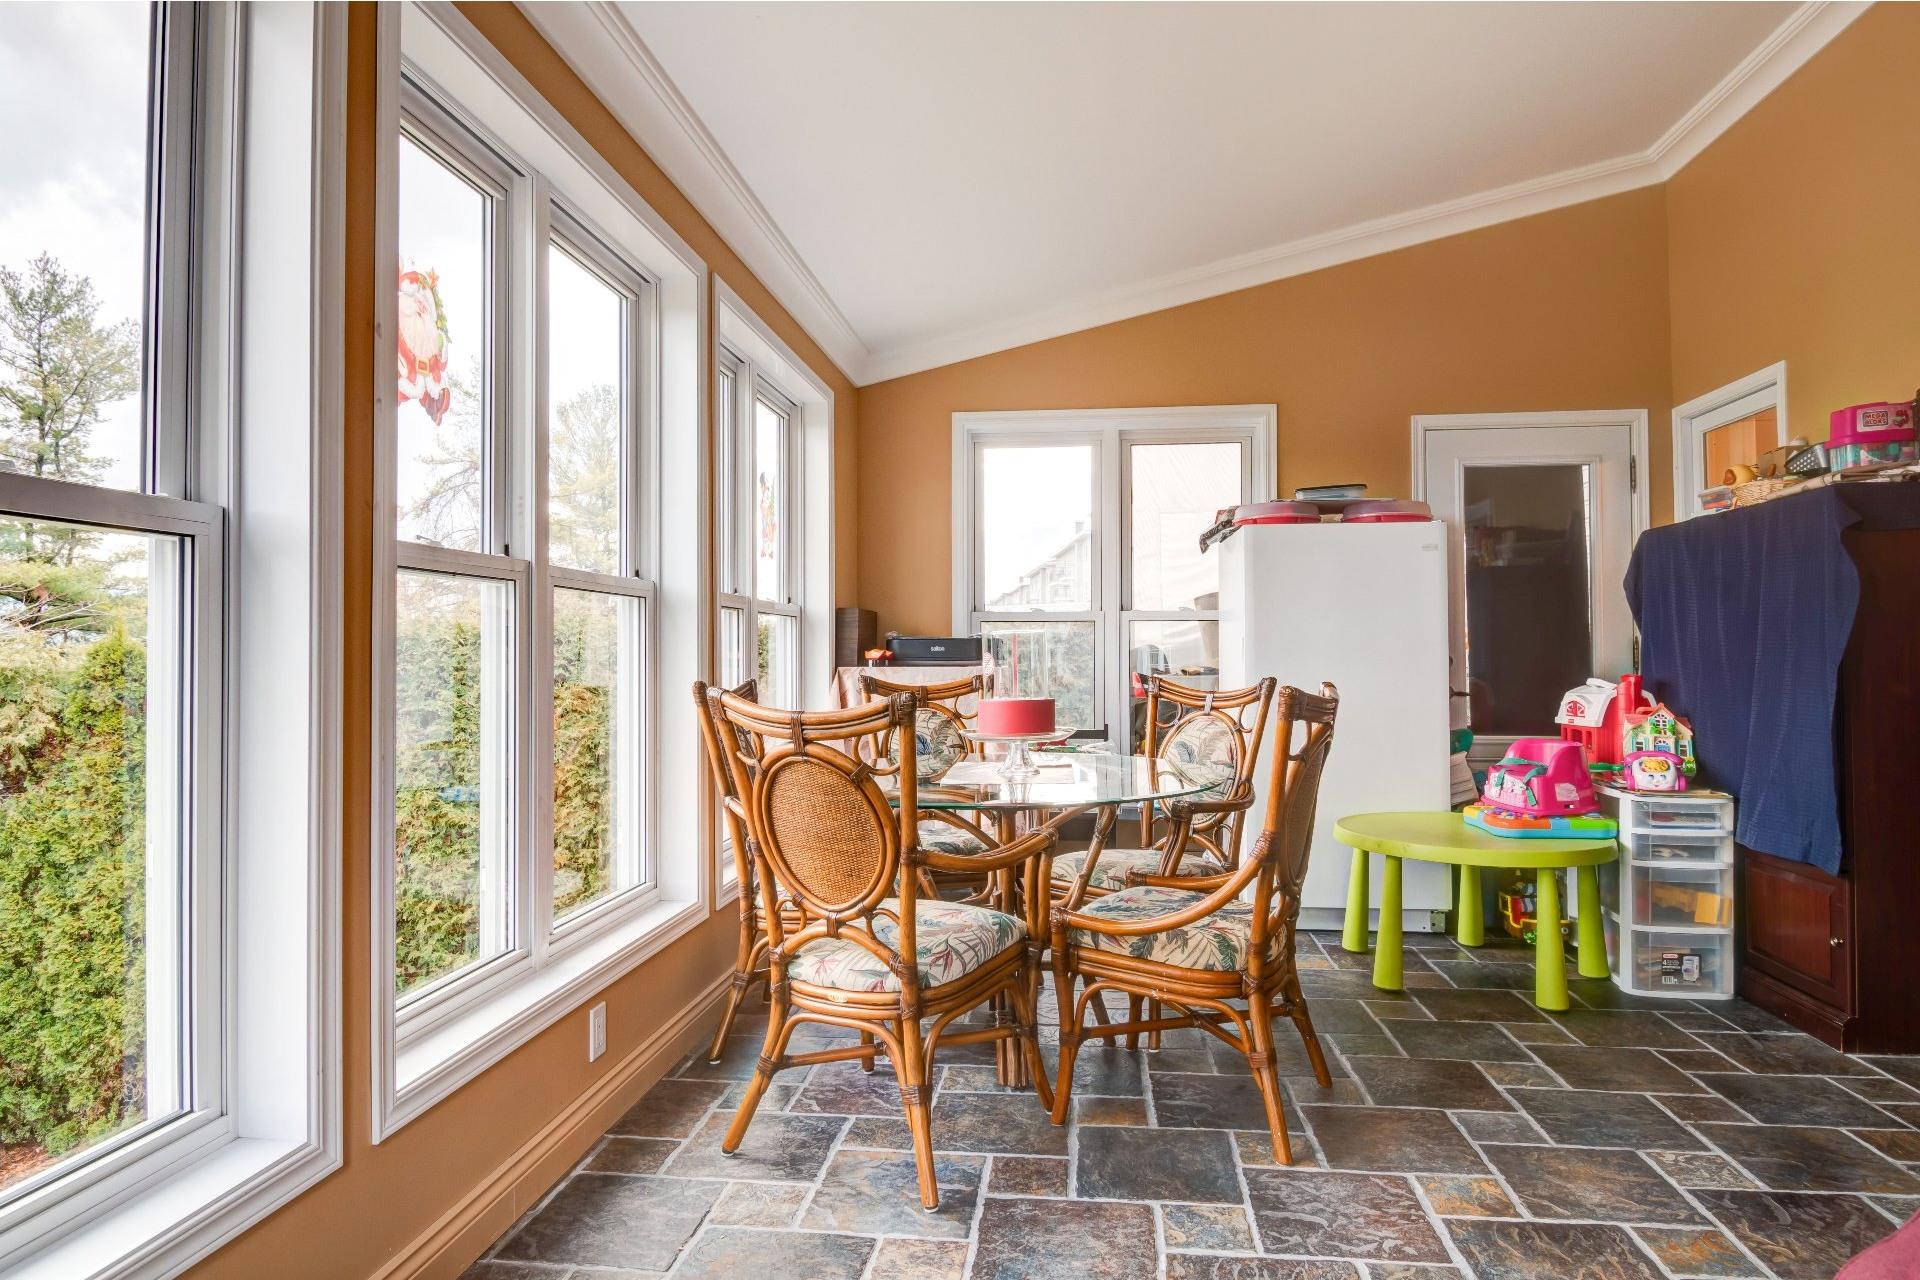 image 7 - Maison À vendre Trois-Rivières - 15 pièces